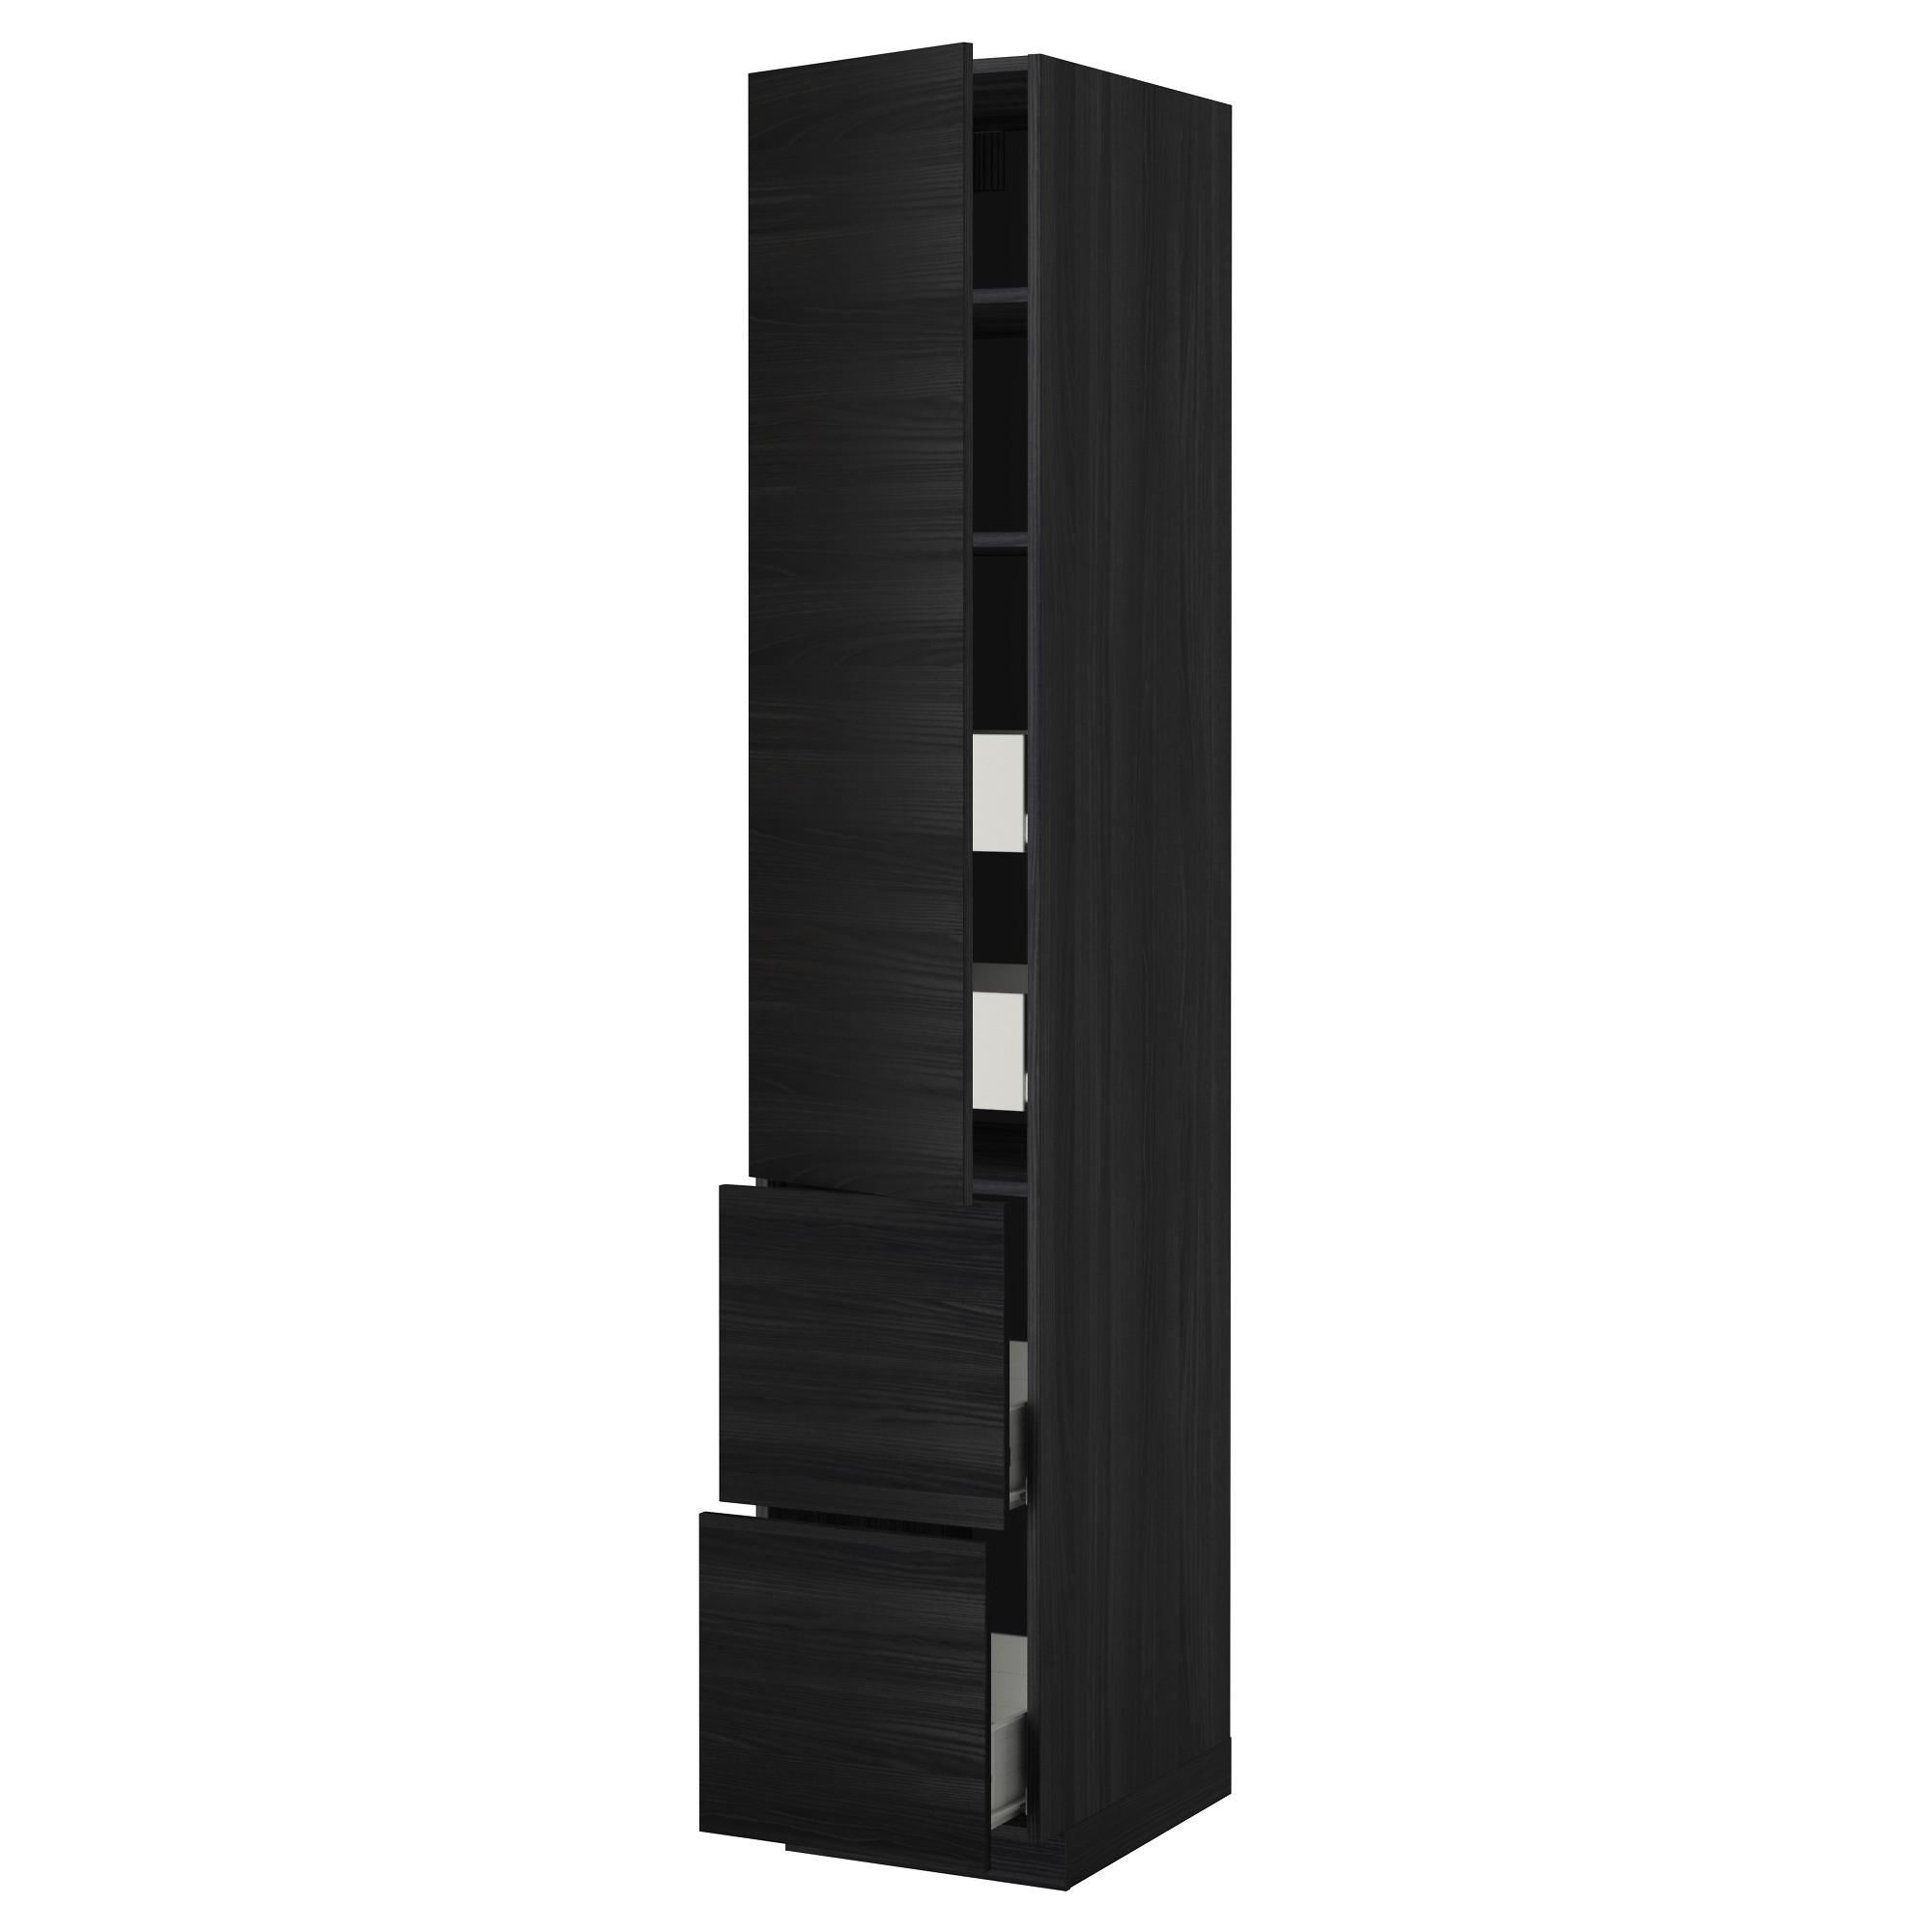 Высокий шкаф + полки, 4 ящика, 2 дверцы МЕТОД / ФОРВАРА черный артикуль № 592.674.03 в наличии. Онлайн каталог IKEA РБ. Недорогая доставка и монтаж.